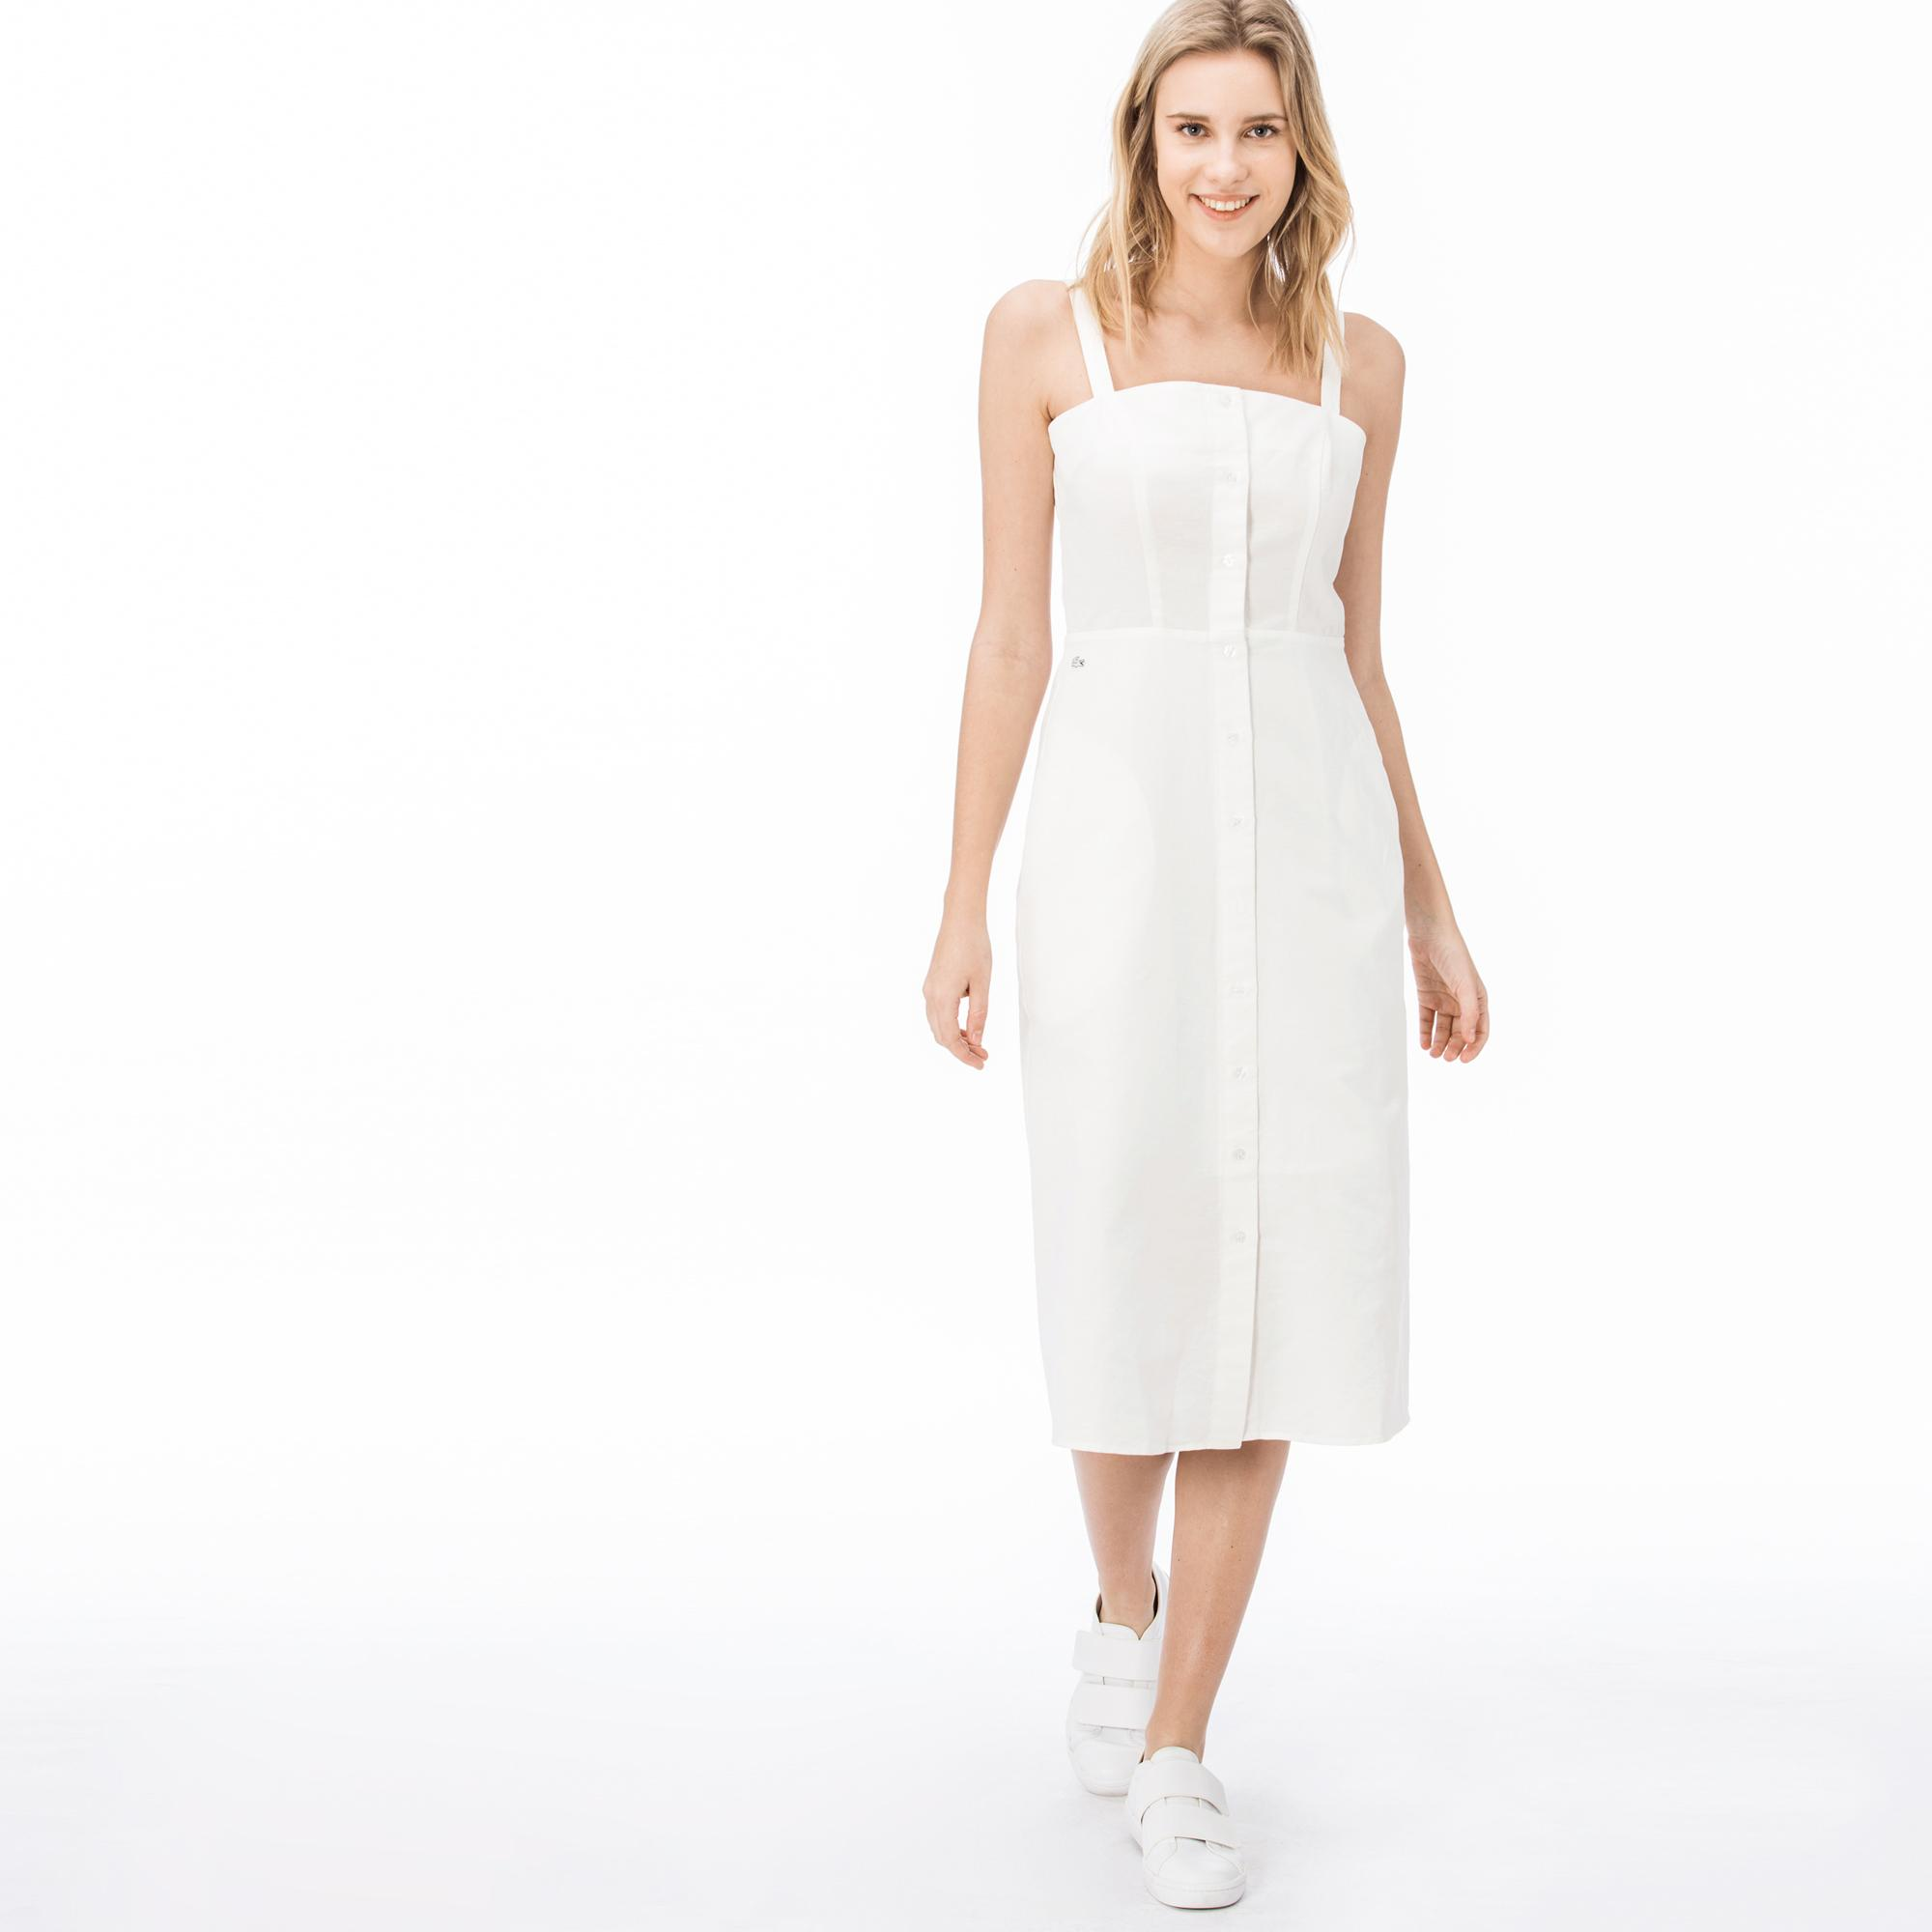 Lacoste Kadın Askılı Bej Elbise